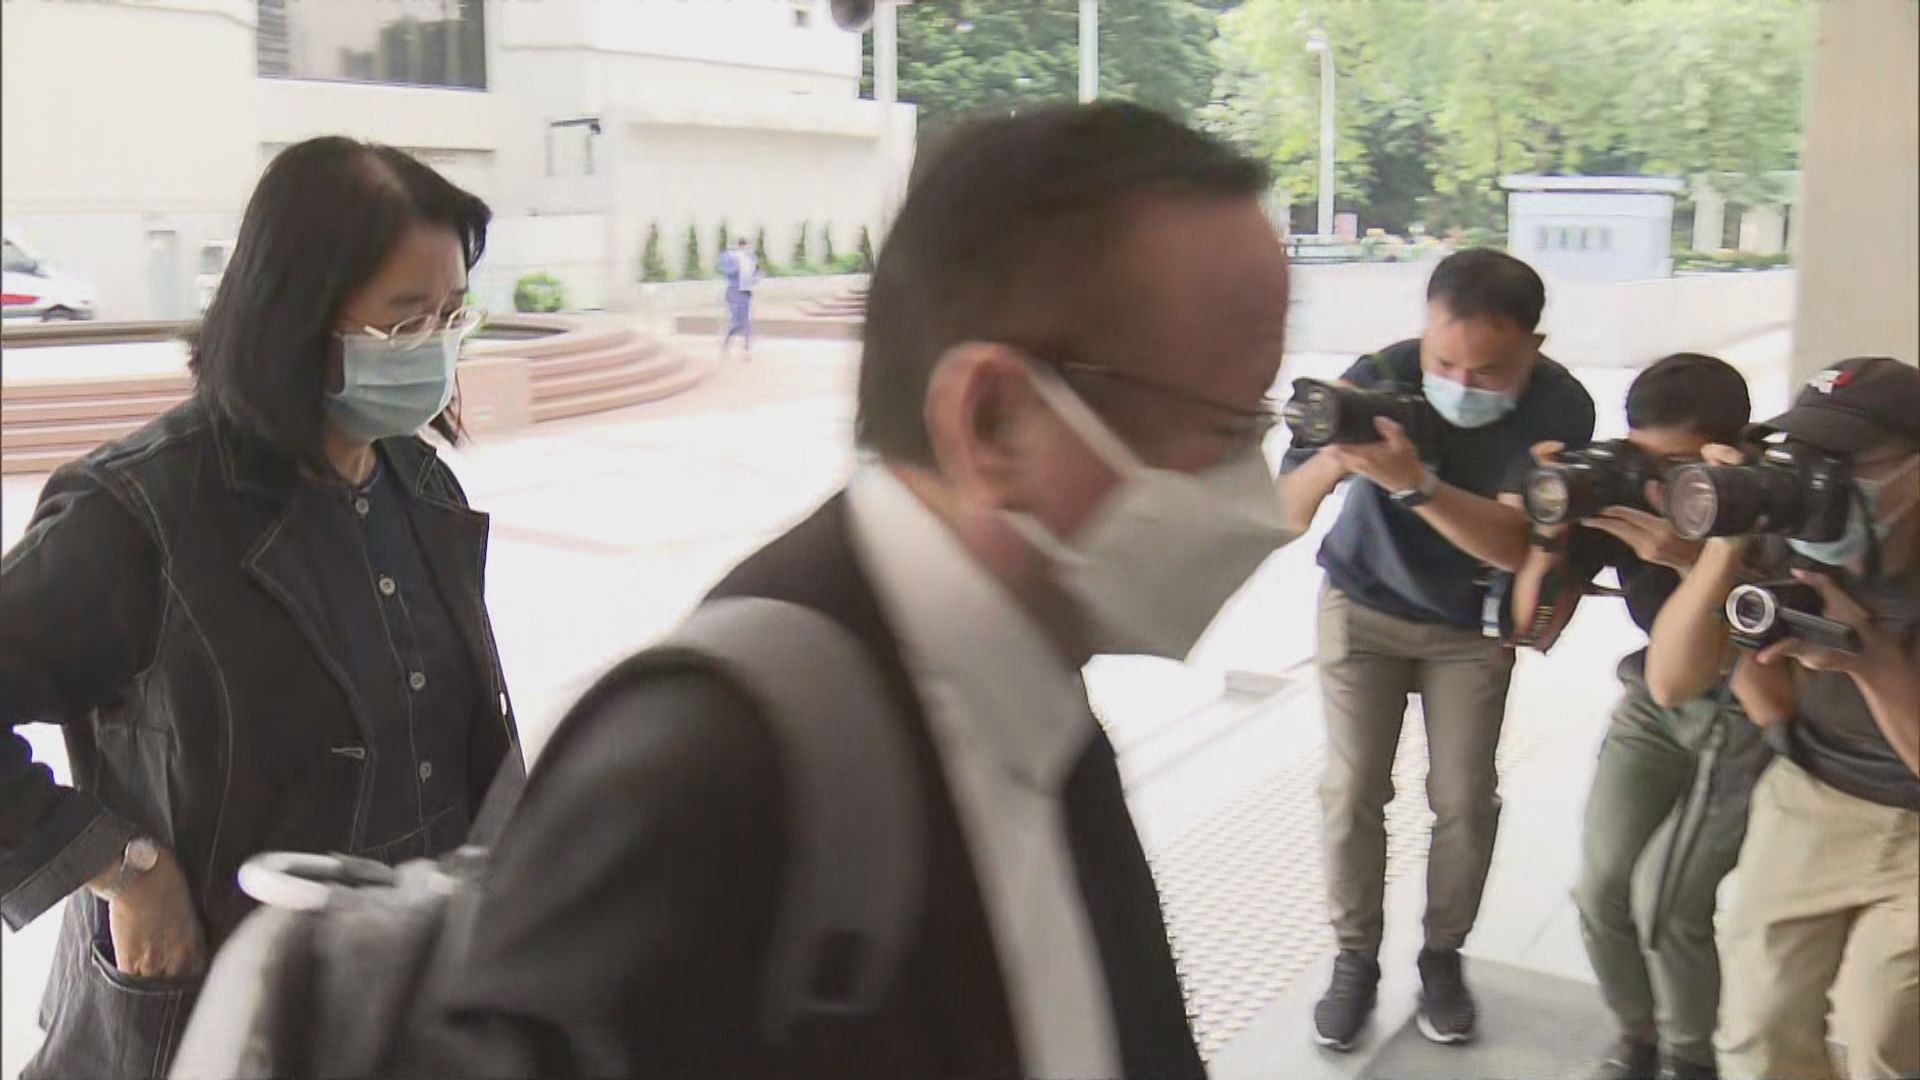 鄭麗琼轉發警員資料被控違反禁制令 她稱忘記有禁制令